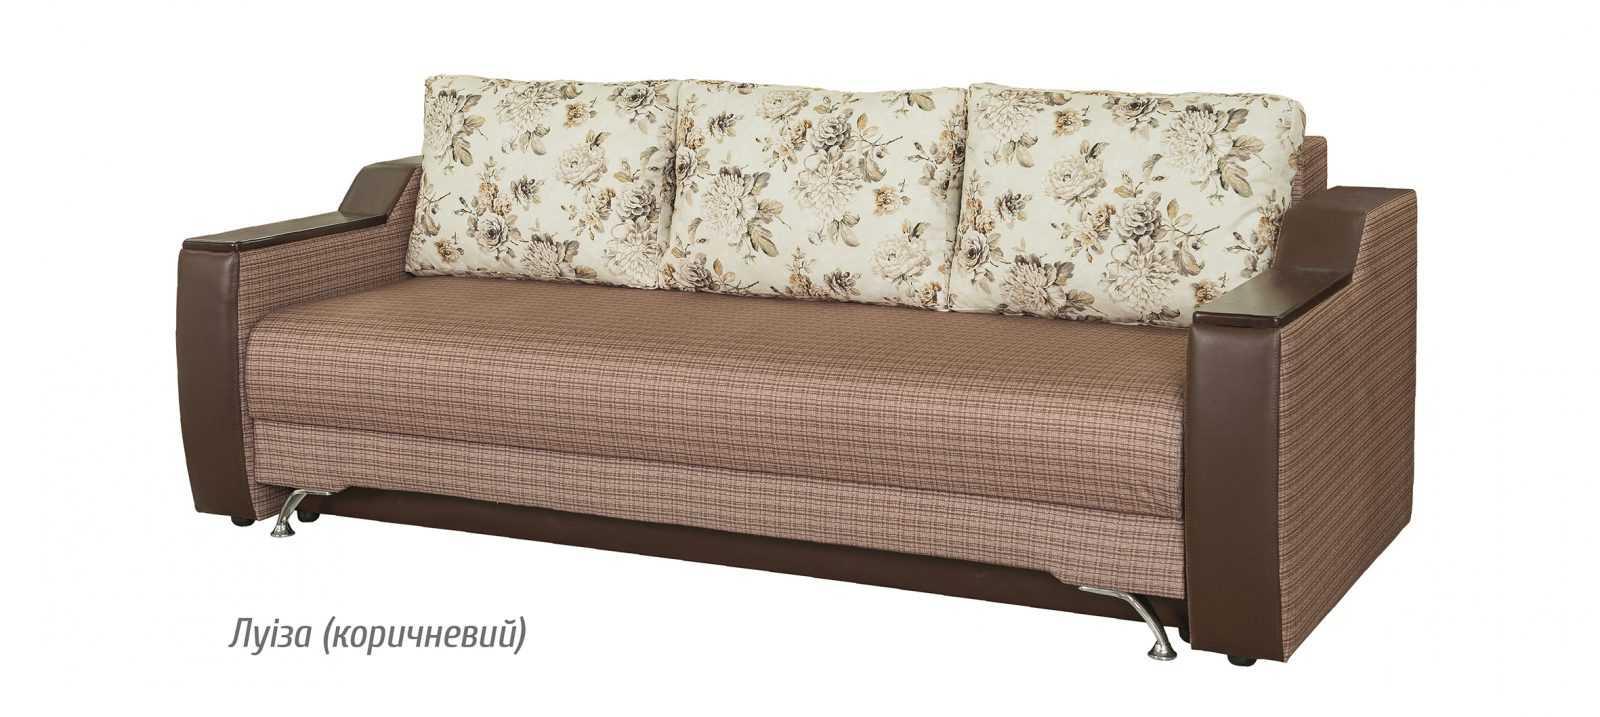 Невада диван раскладной (Мебель Сервис)